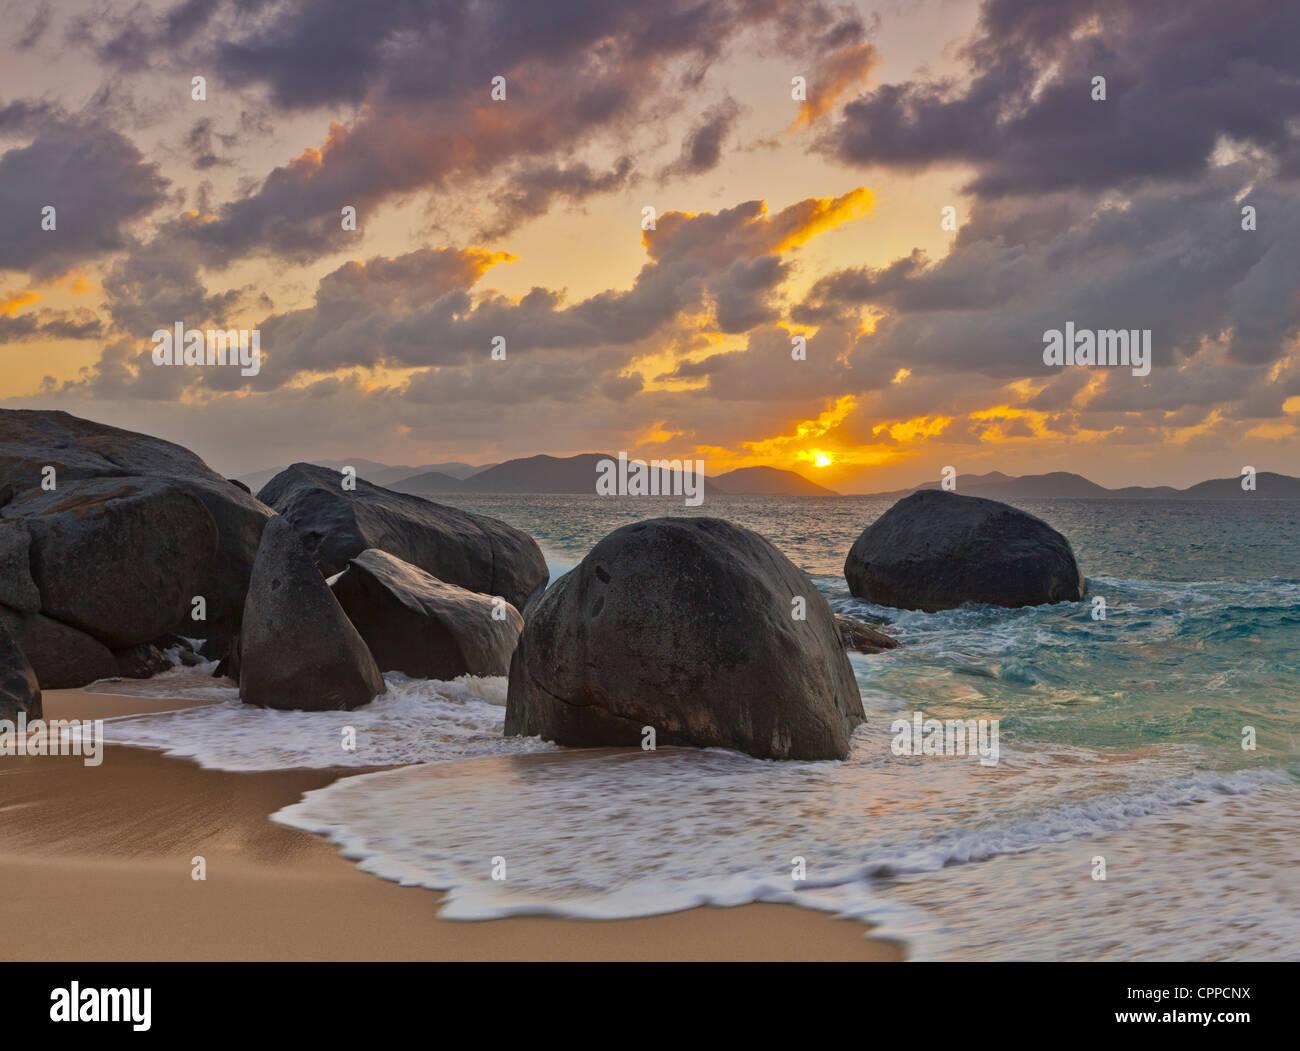 Virgen Gorda, Islas Vírgenes Británicas, el Caribe Boulders inundada en el surf de la pequeña Bahía Imagen De Stock